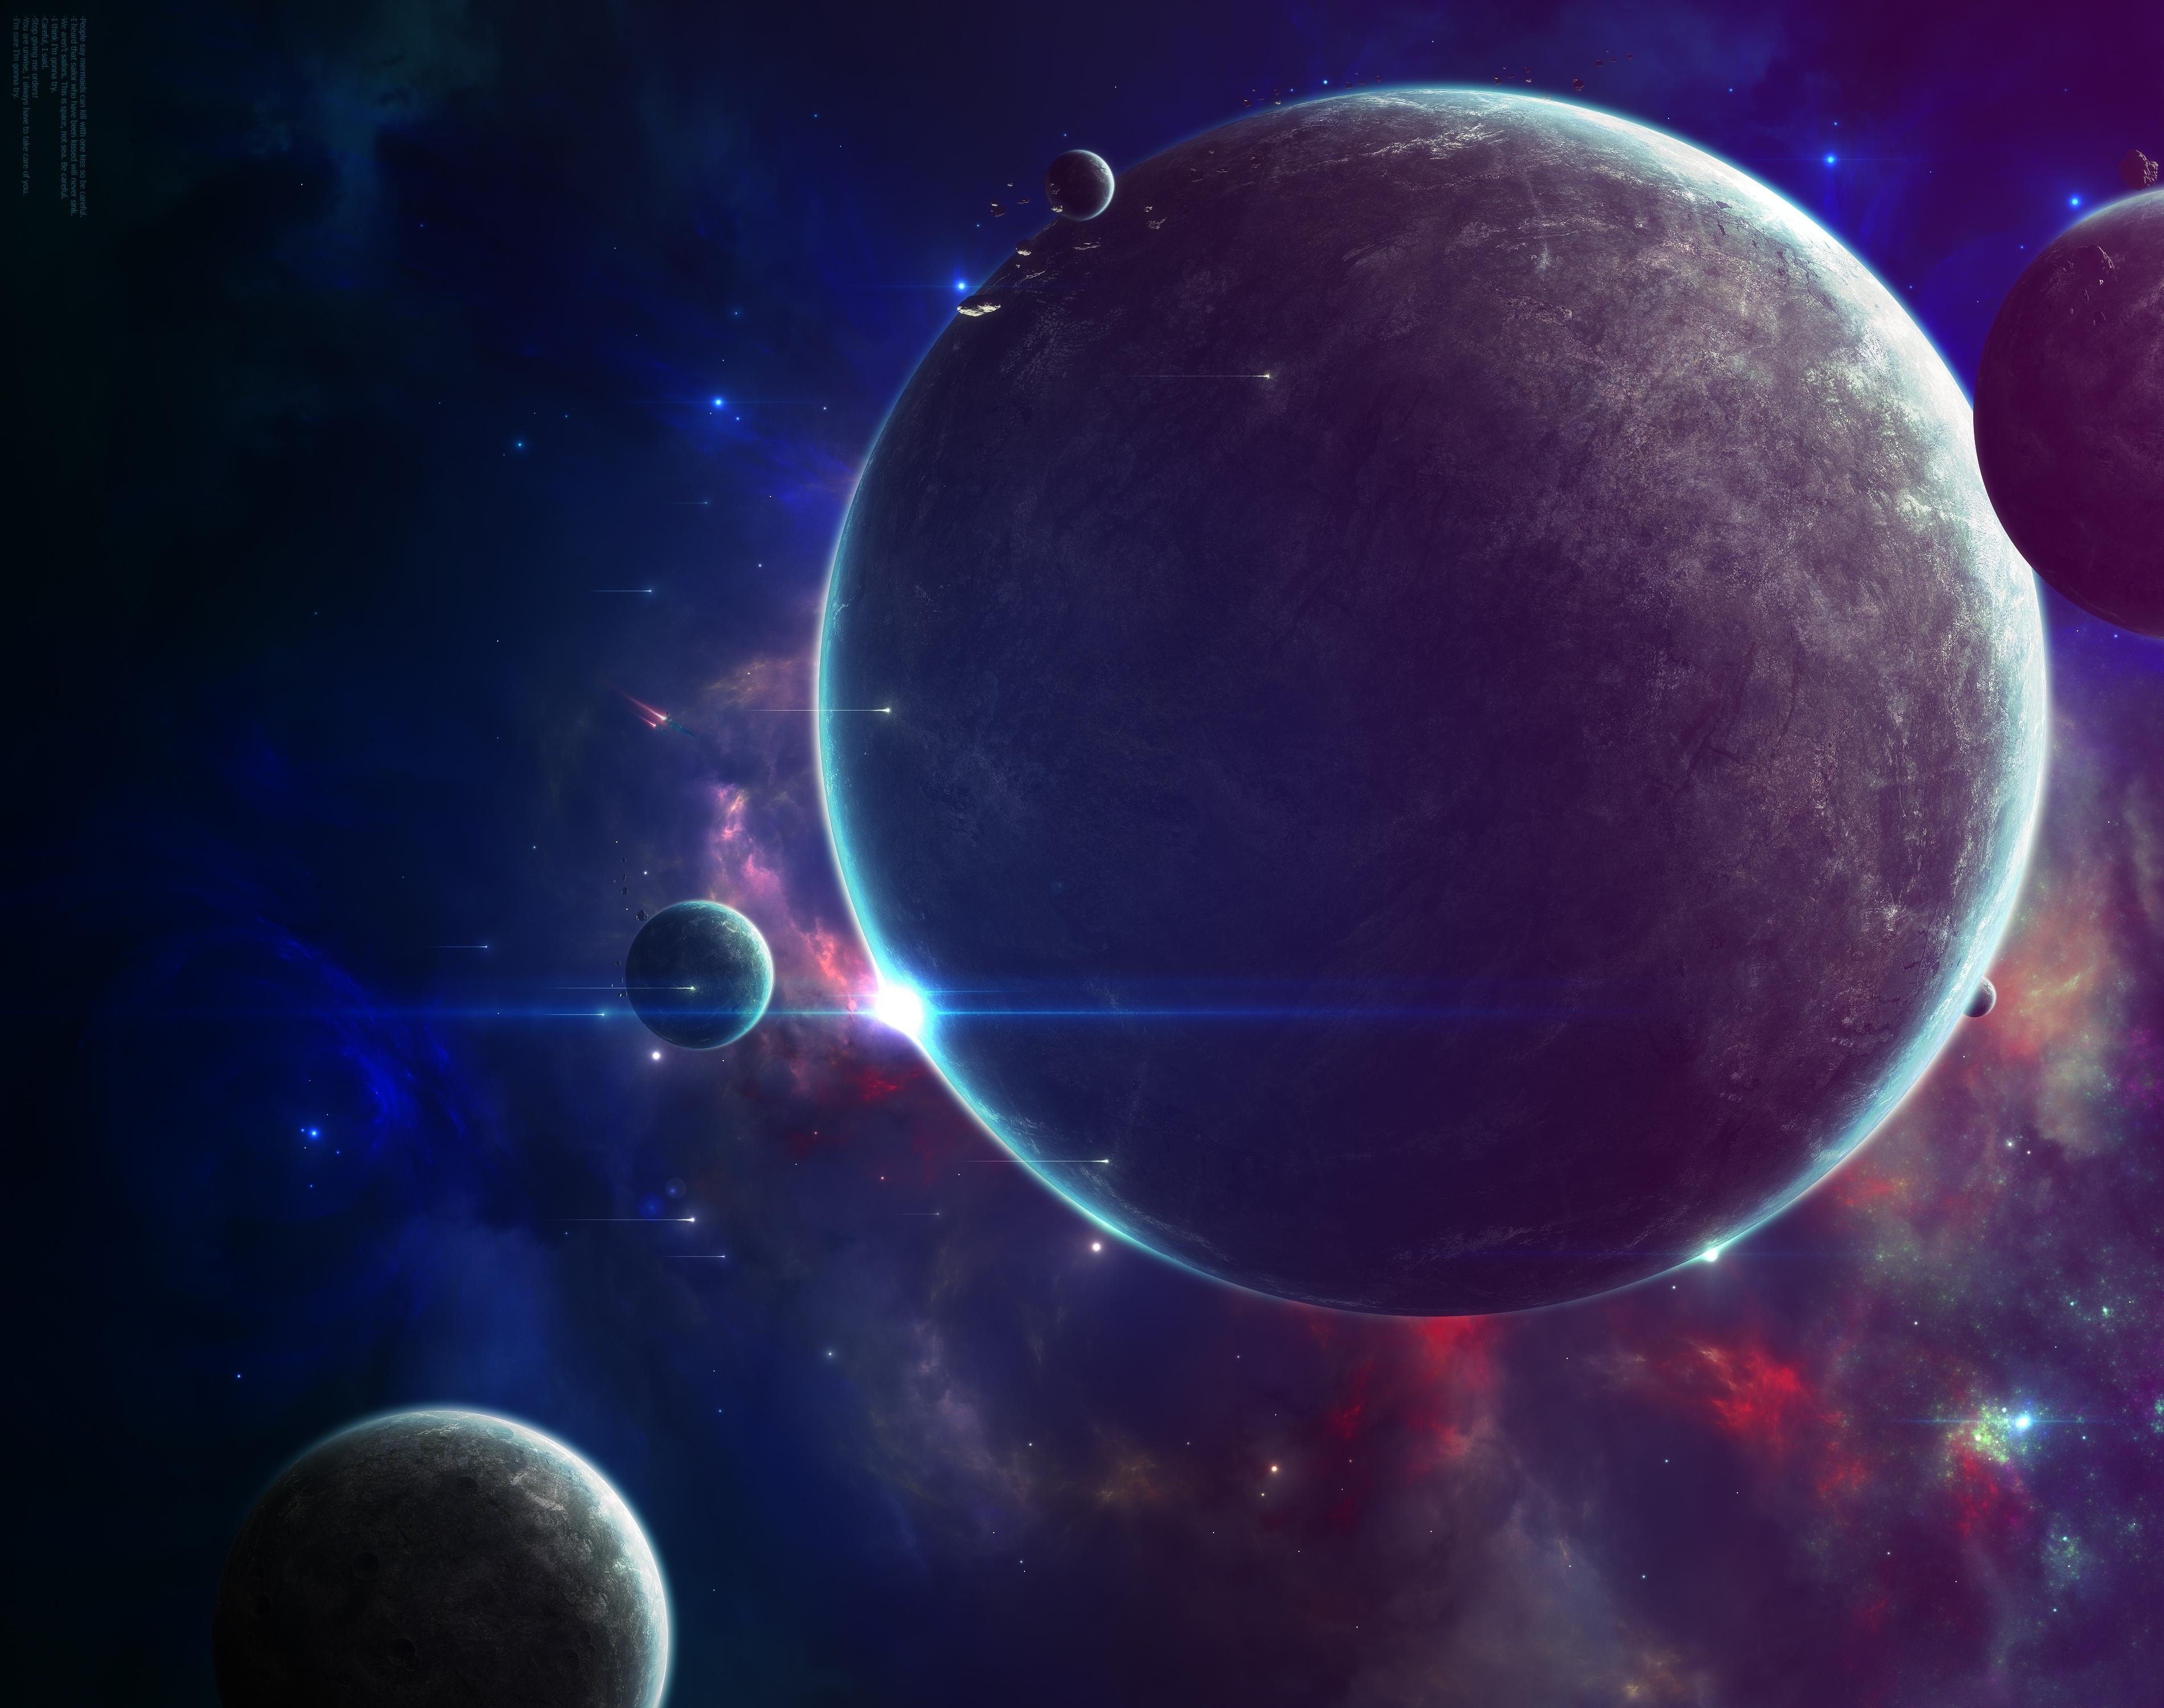 Обои Планета и спутник картинки на рабочий стол на тему Космос - скачать  № 42971 загрузить